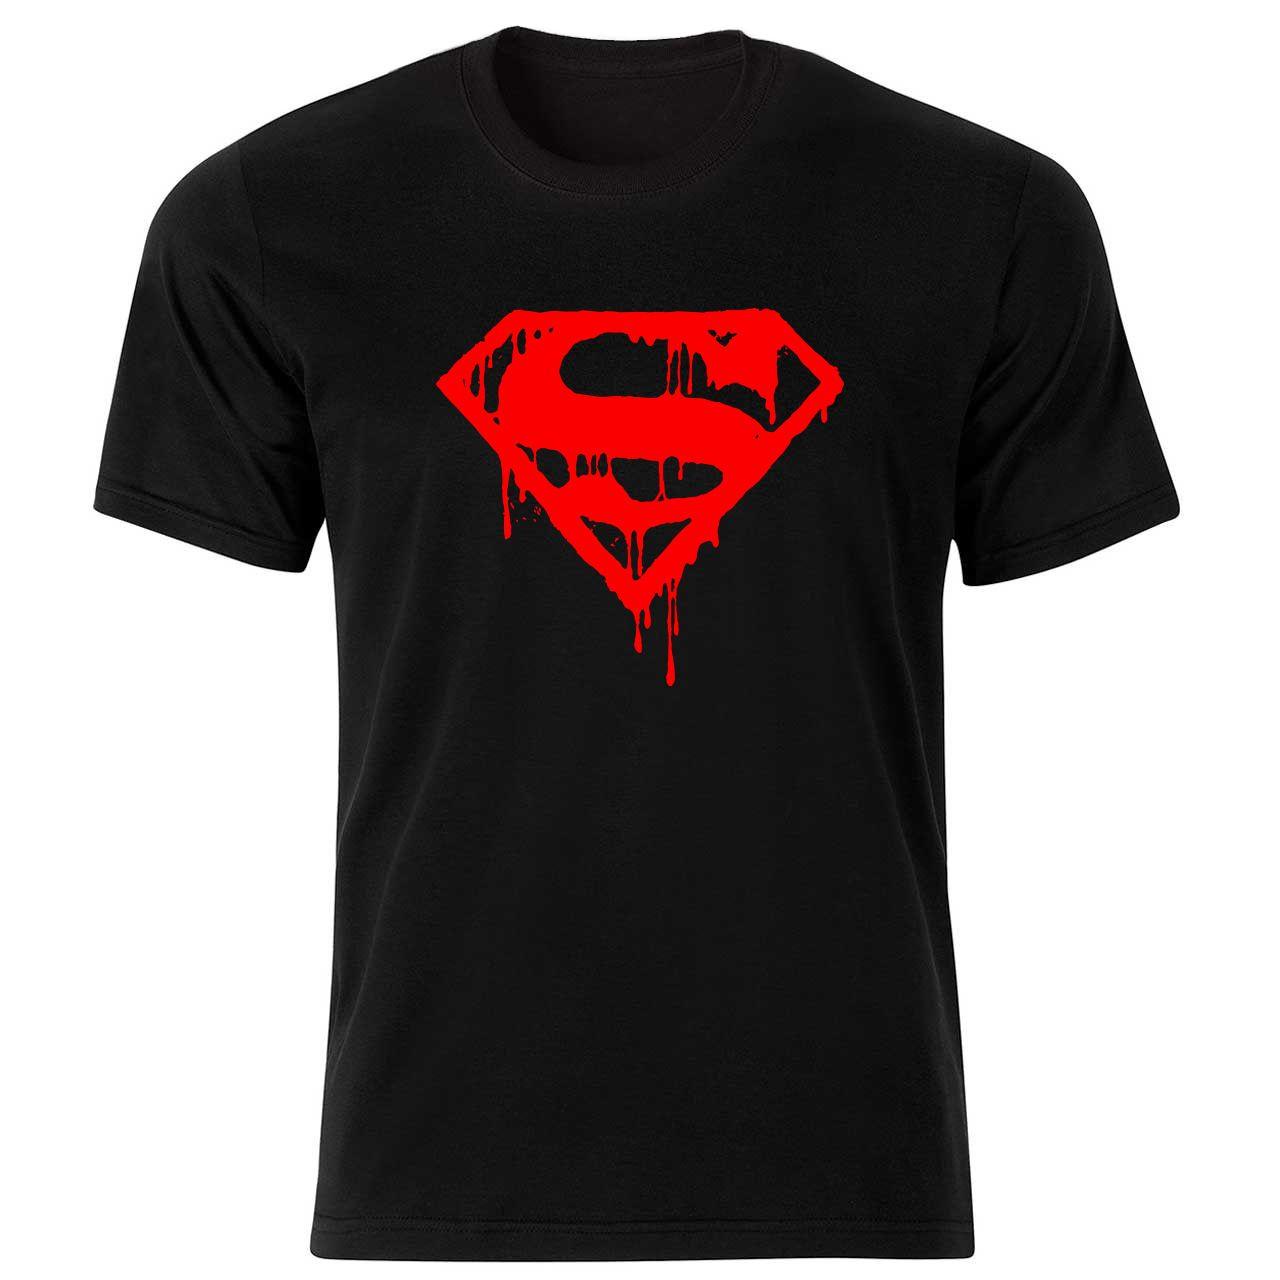 تیشرت آستین کوتاه  بچگانه  طرح سوپرمن  کد    BT011 -  - 2